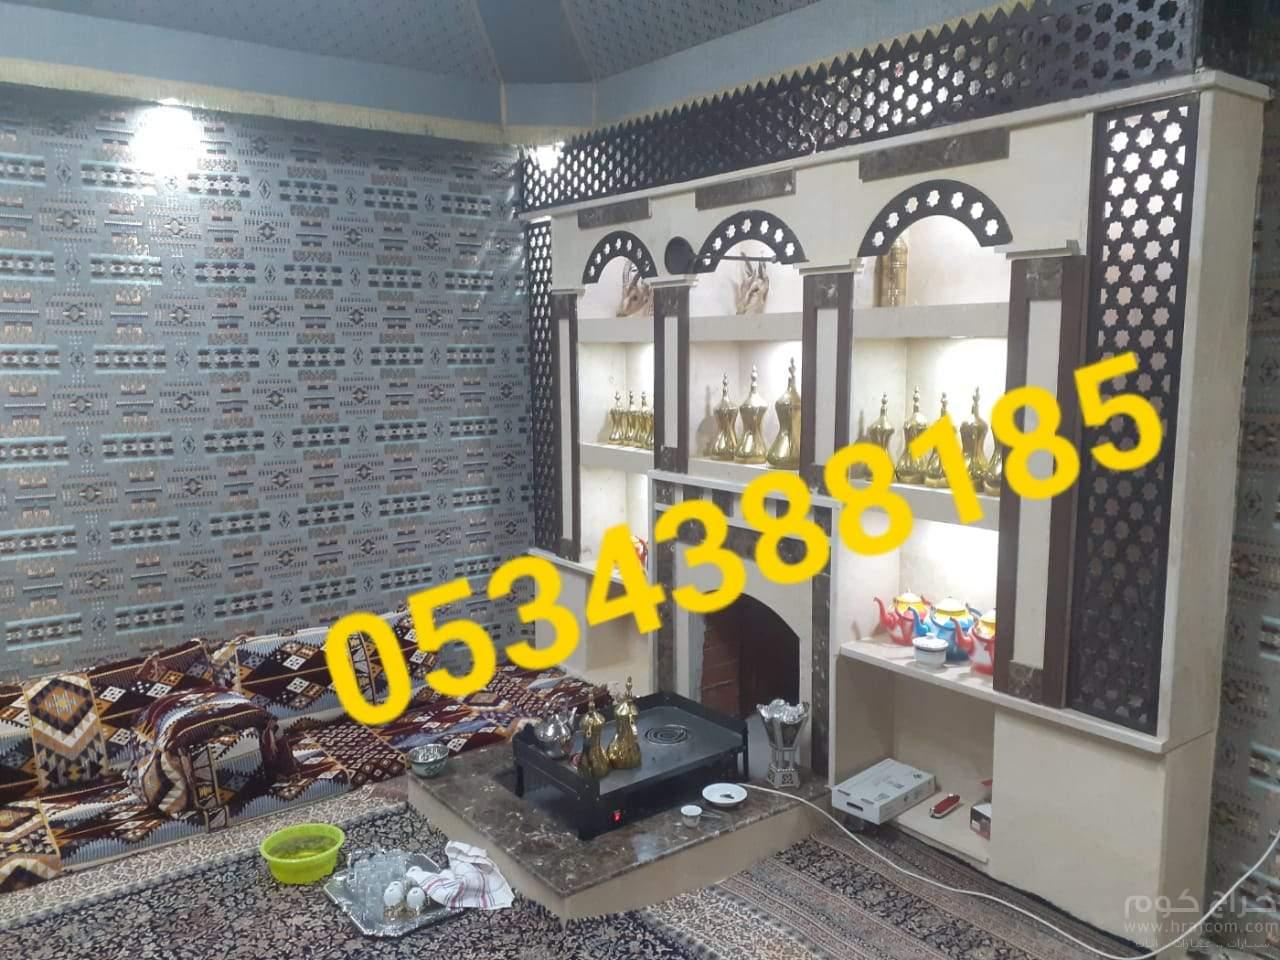 مشبات , 0534388185 , مشبات الرياض , صور مشبات خليجية و تراثية , مشبات فخمة ,